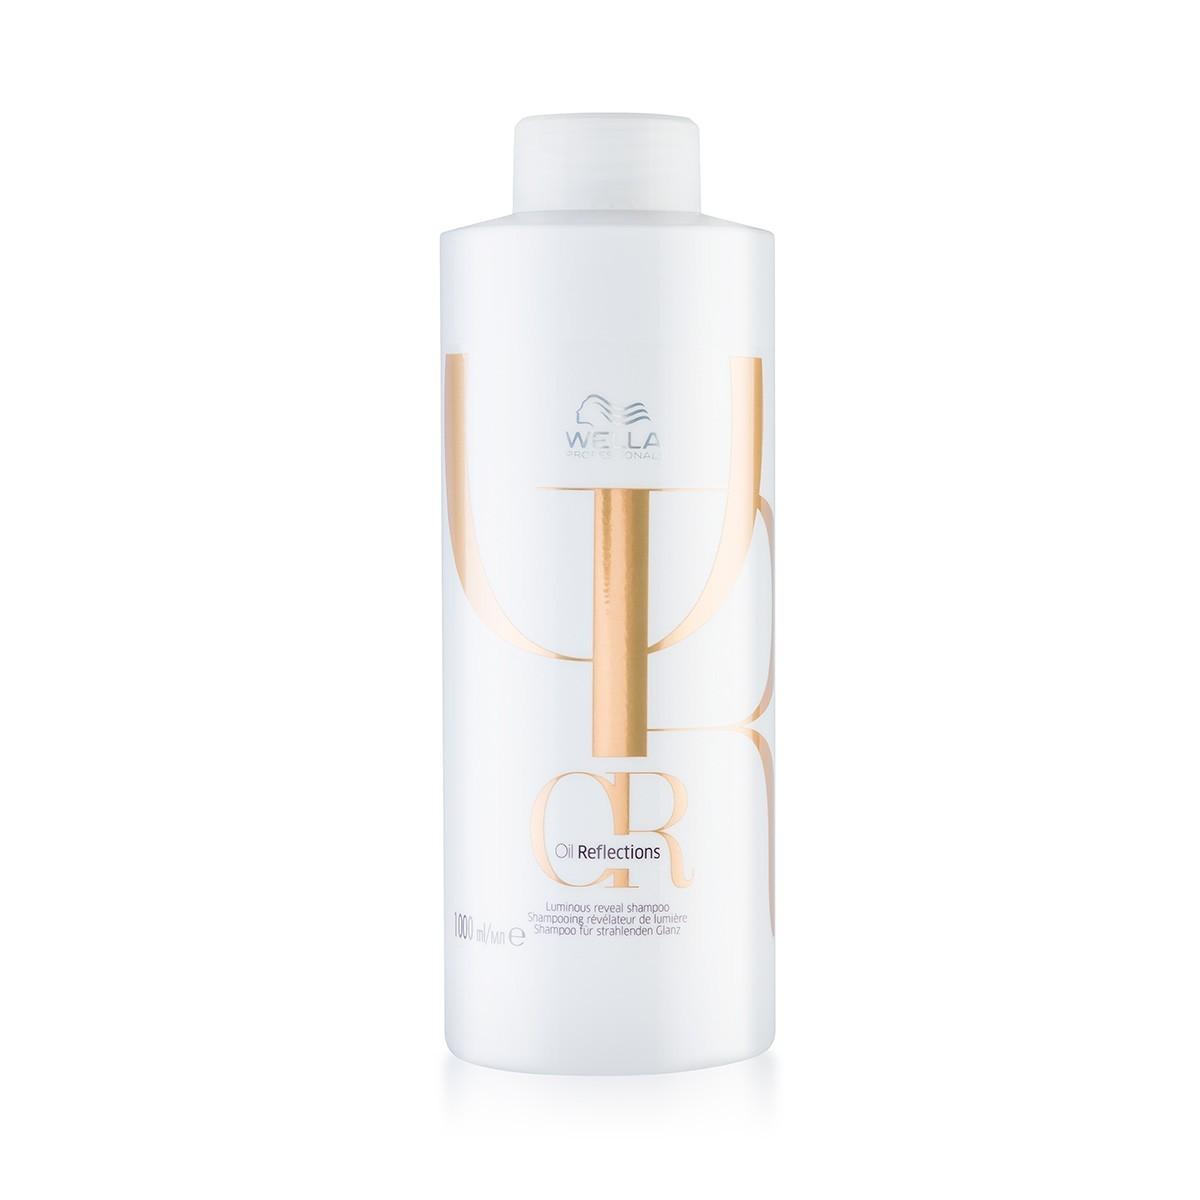 WELLA Oil Reflections Shampoo 1000ml - Szampon przywracający włosom blask